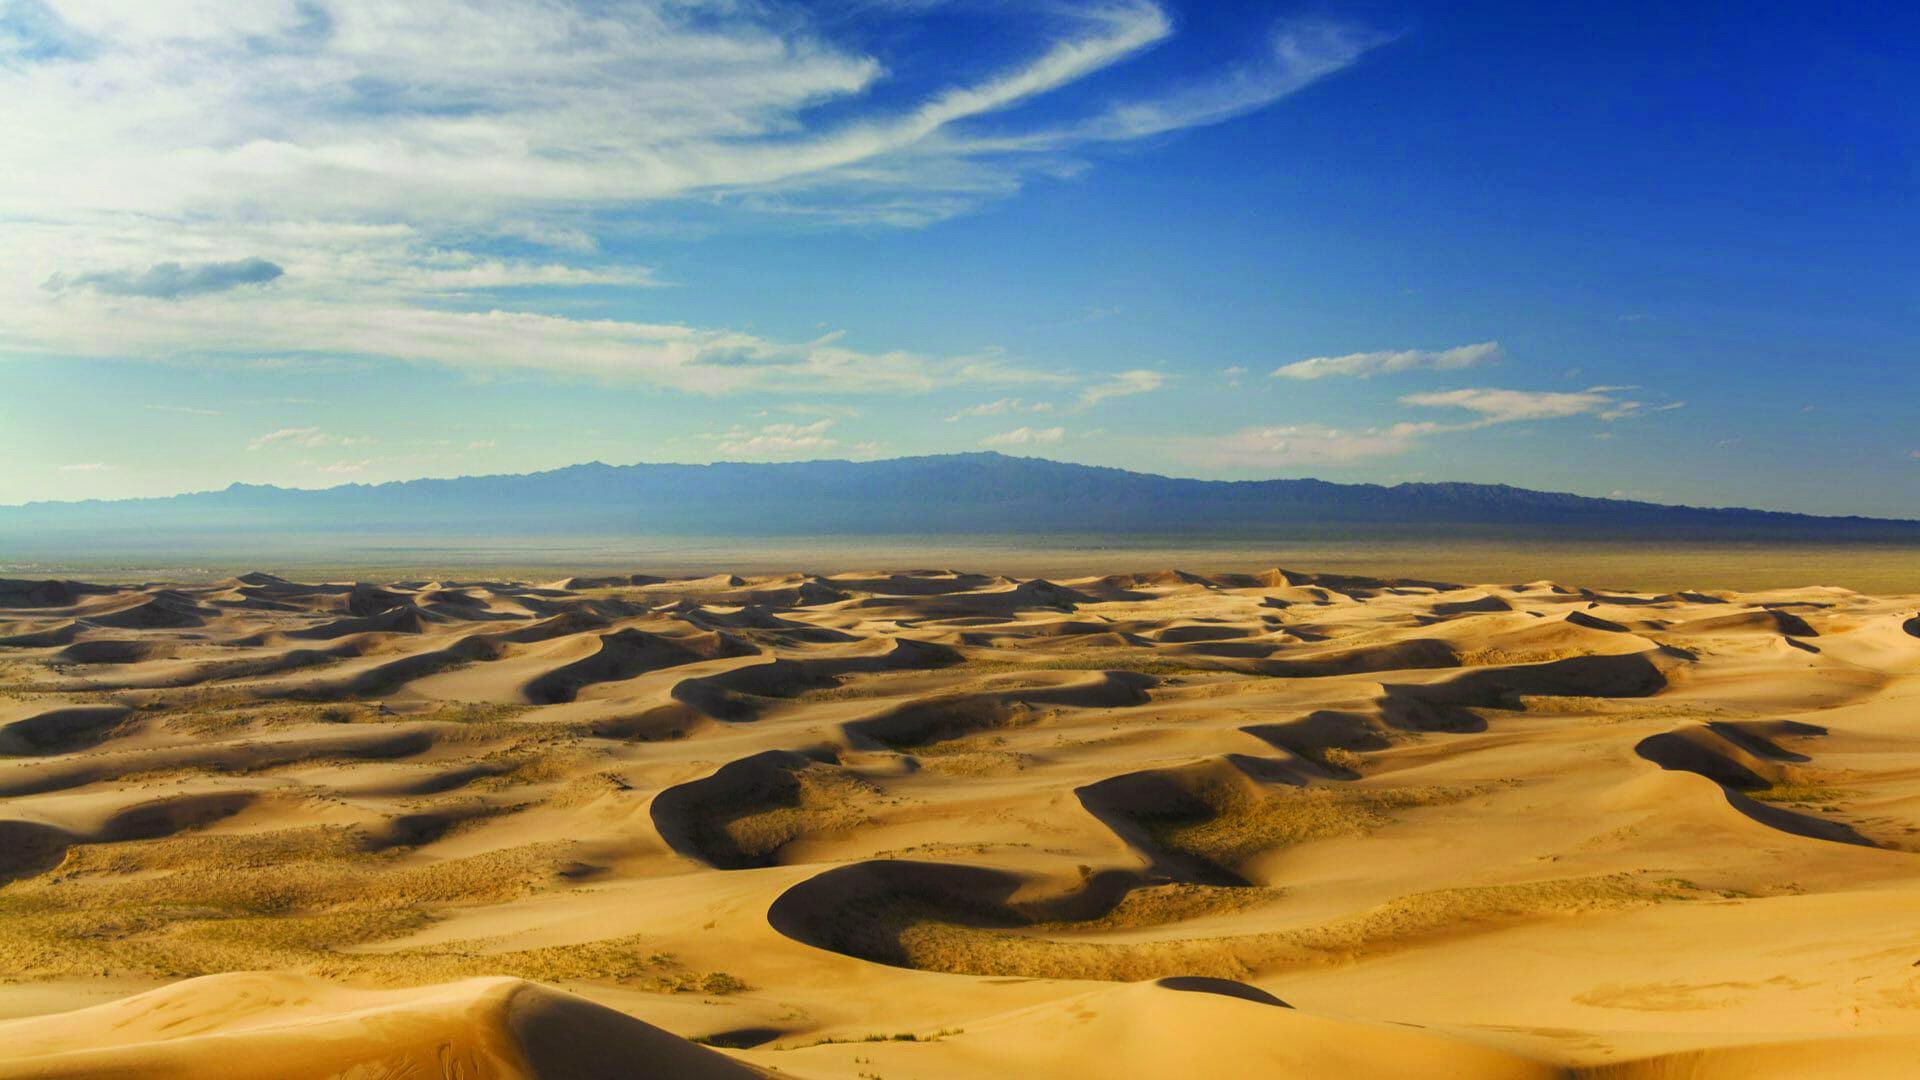 Монголын говийн баялаг хөрсөн доороо биш дээрээ бий